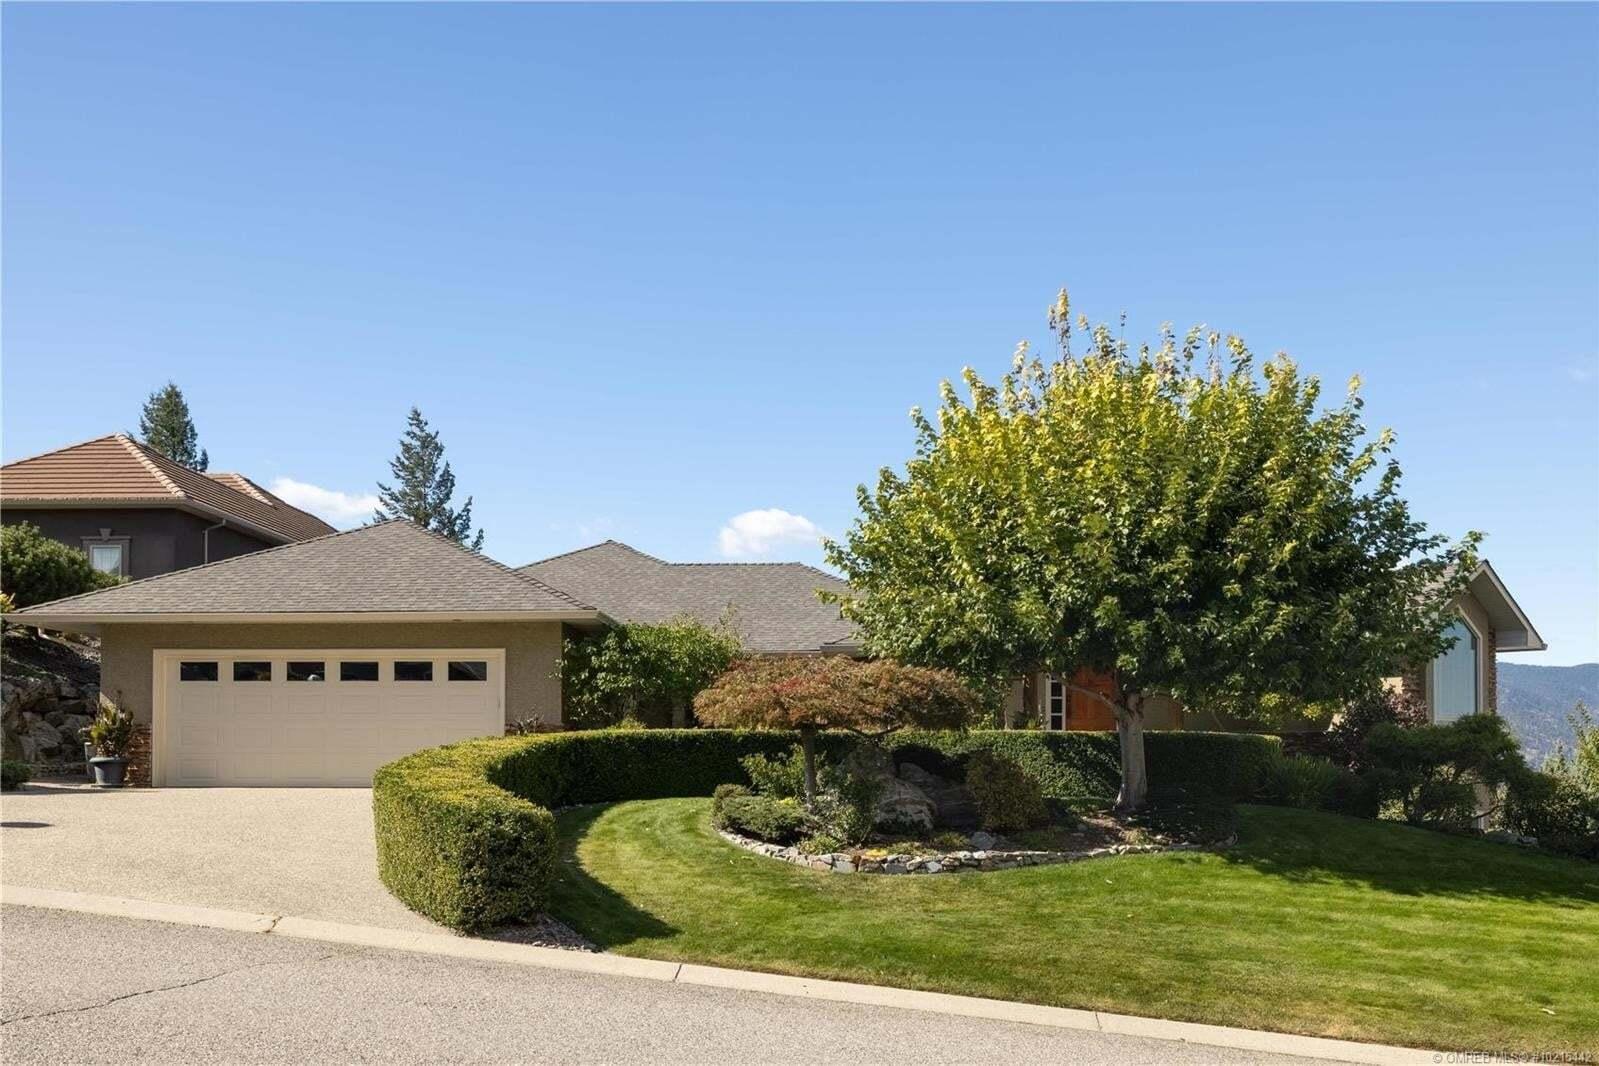 House for sale at 194 Magic Dr Kelowna British Columbia - MLS: 10215442